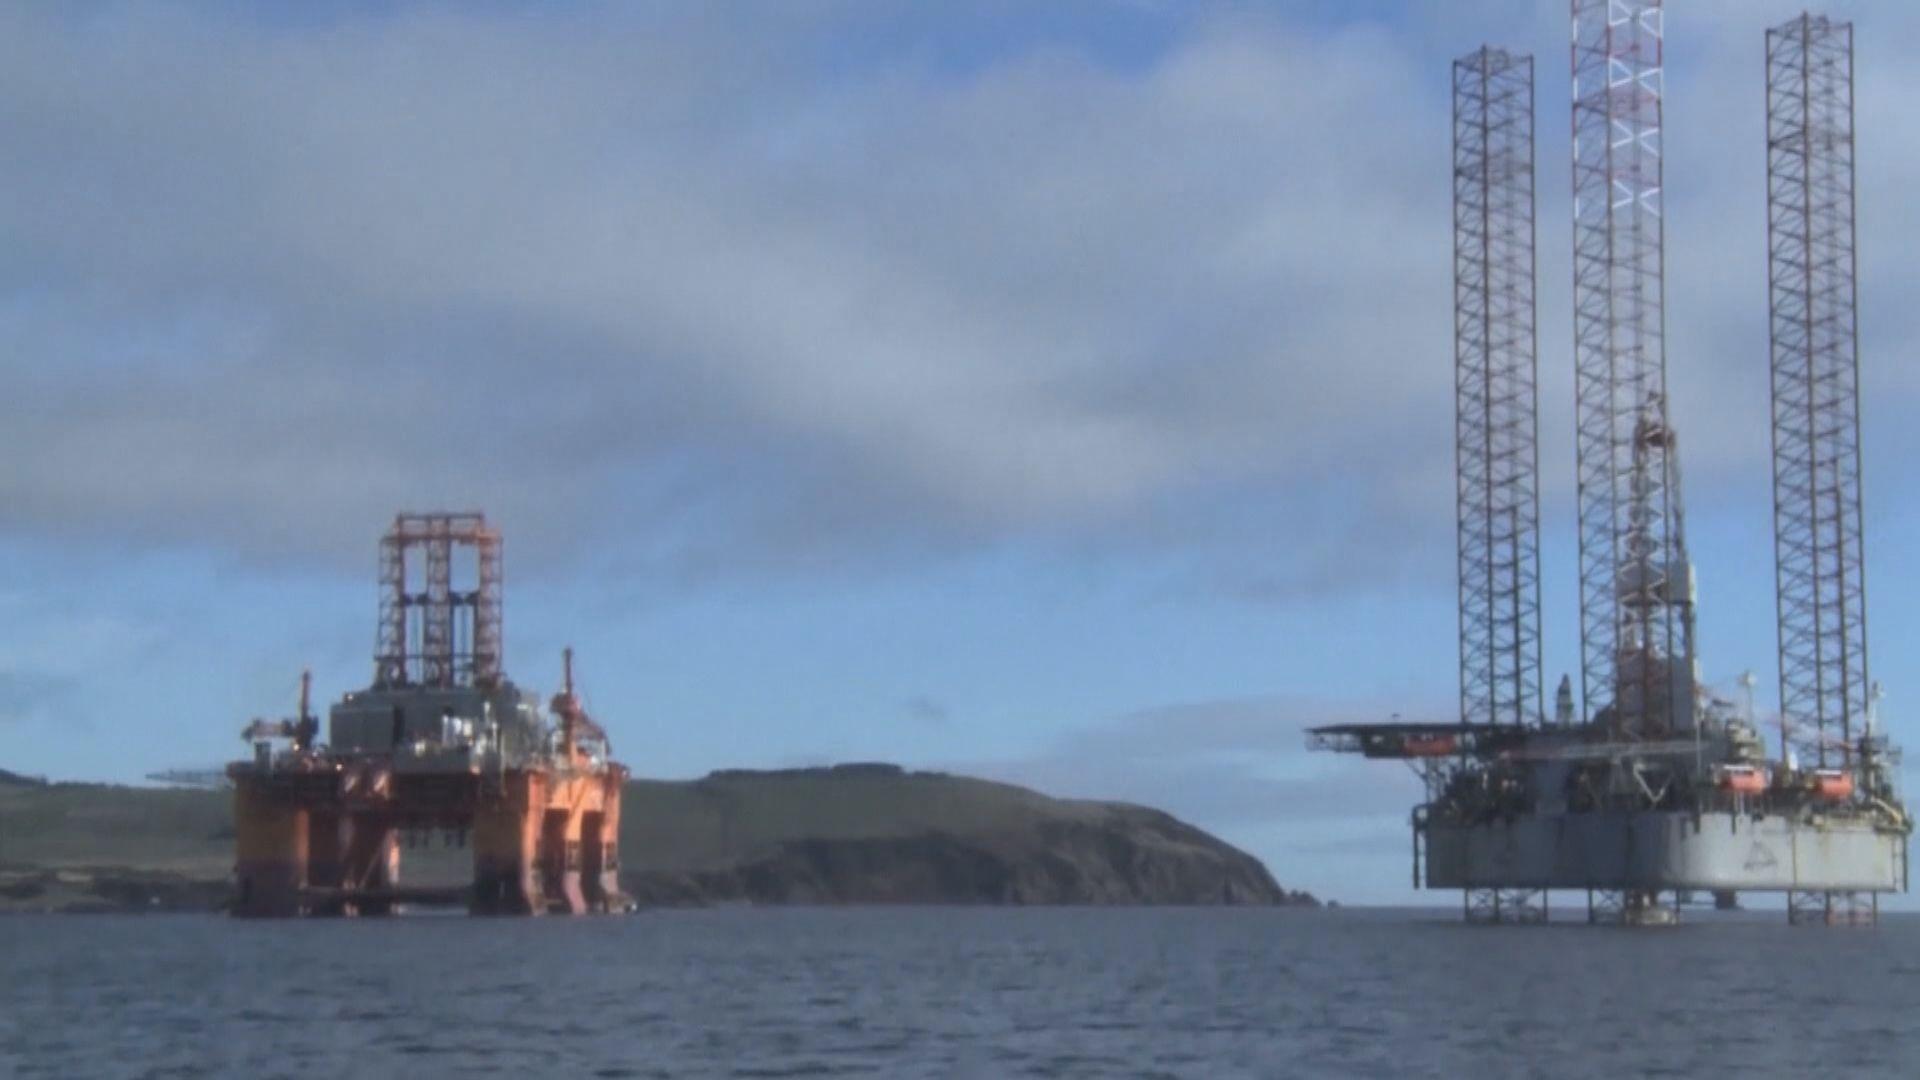 國際油價本周升逾1% 市場憂原油供應緊張